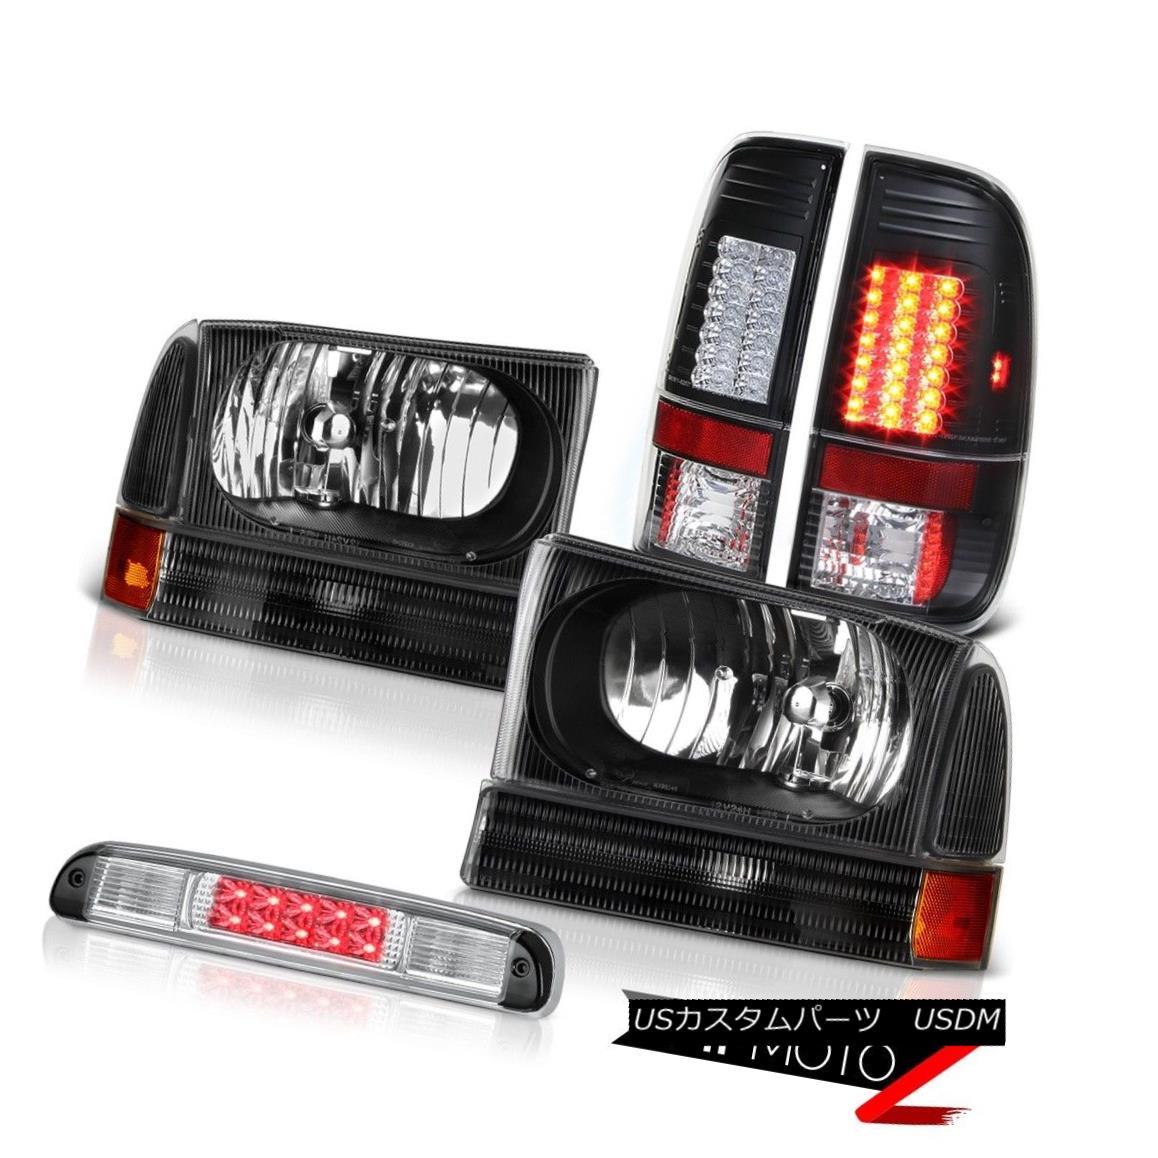 テールライト Jet Black Headlights LED Tail Lights Euro Third Brake 99 00 01 02 03 04 F350 XL ジェットブラックヘッドライトLEDテールライトユーロ第3ブレーキ99 00 01 02 03 04 F350 XL